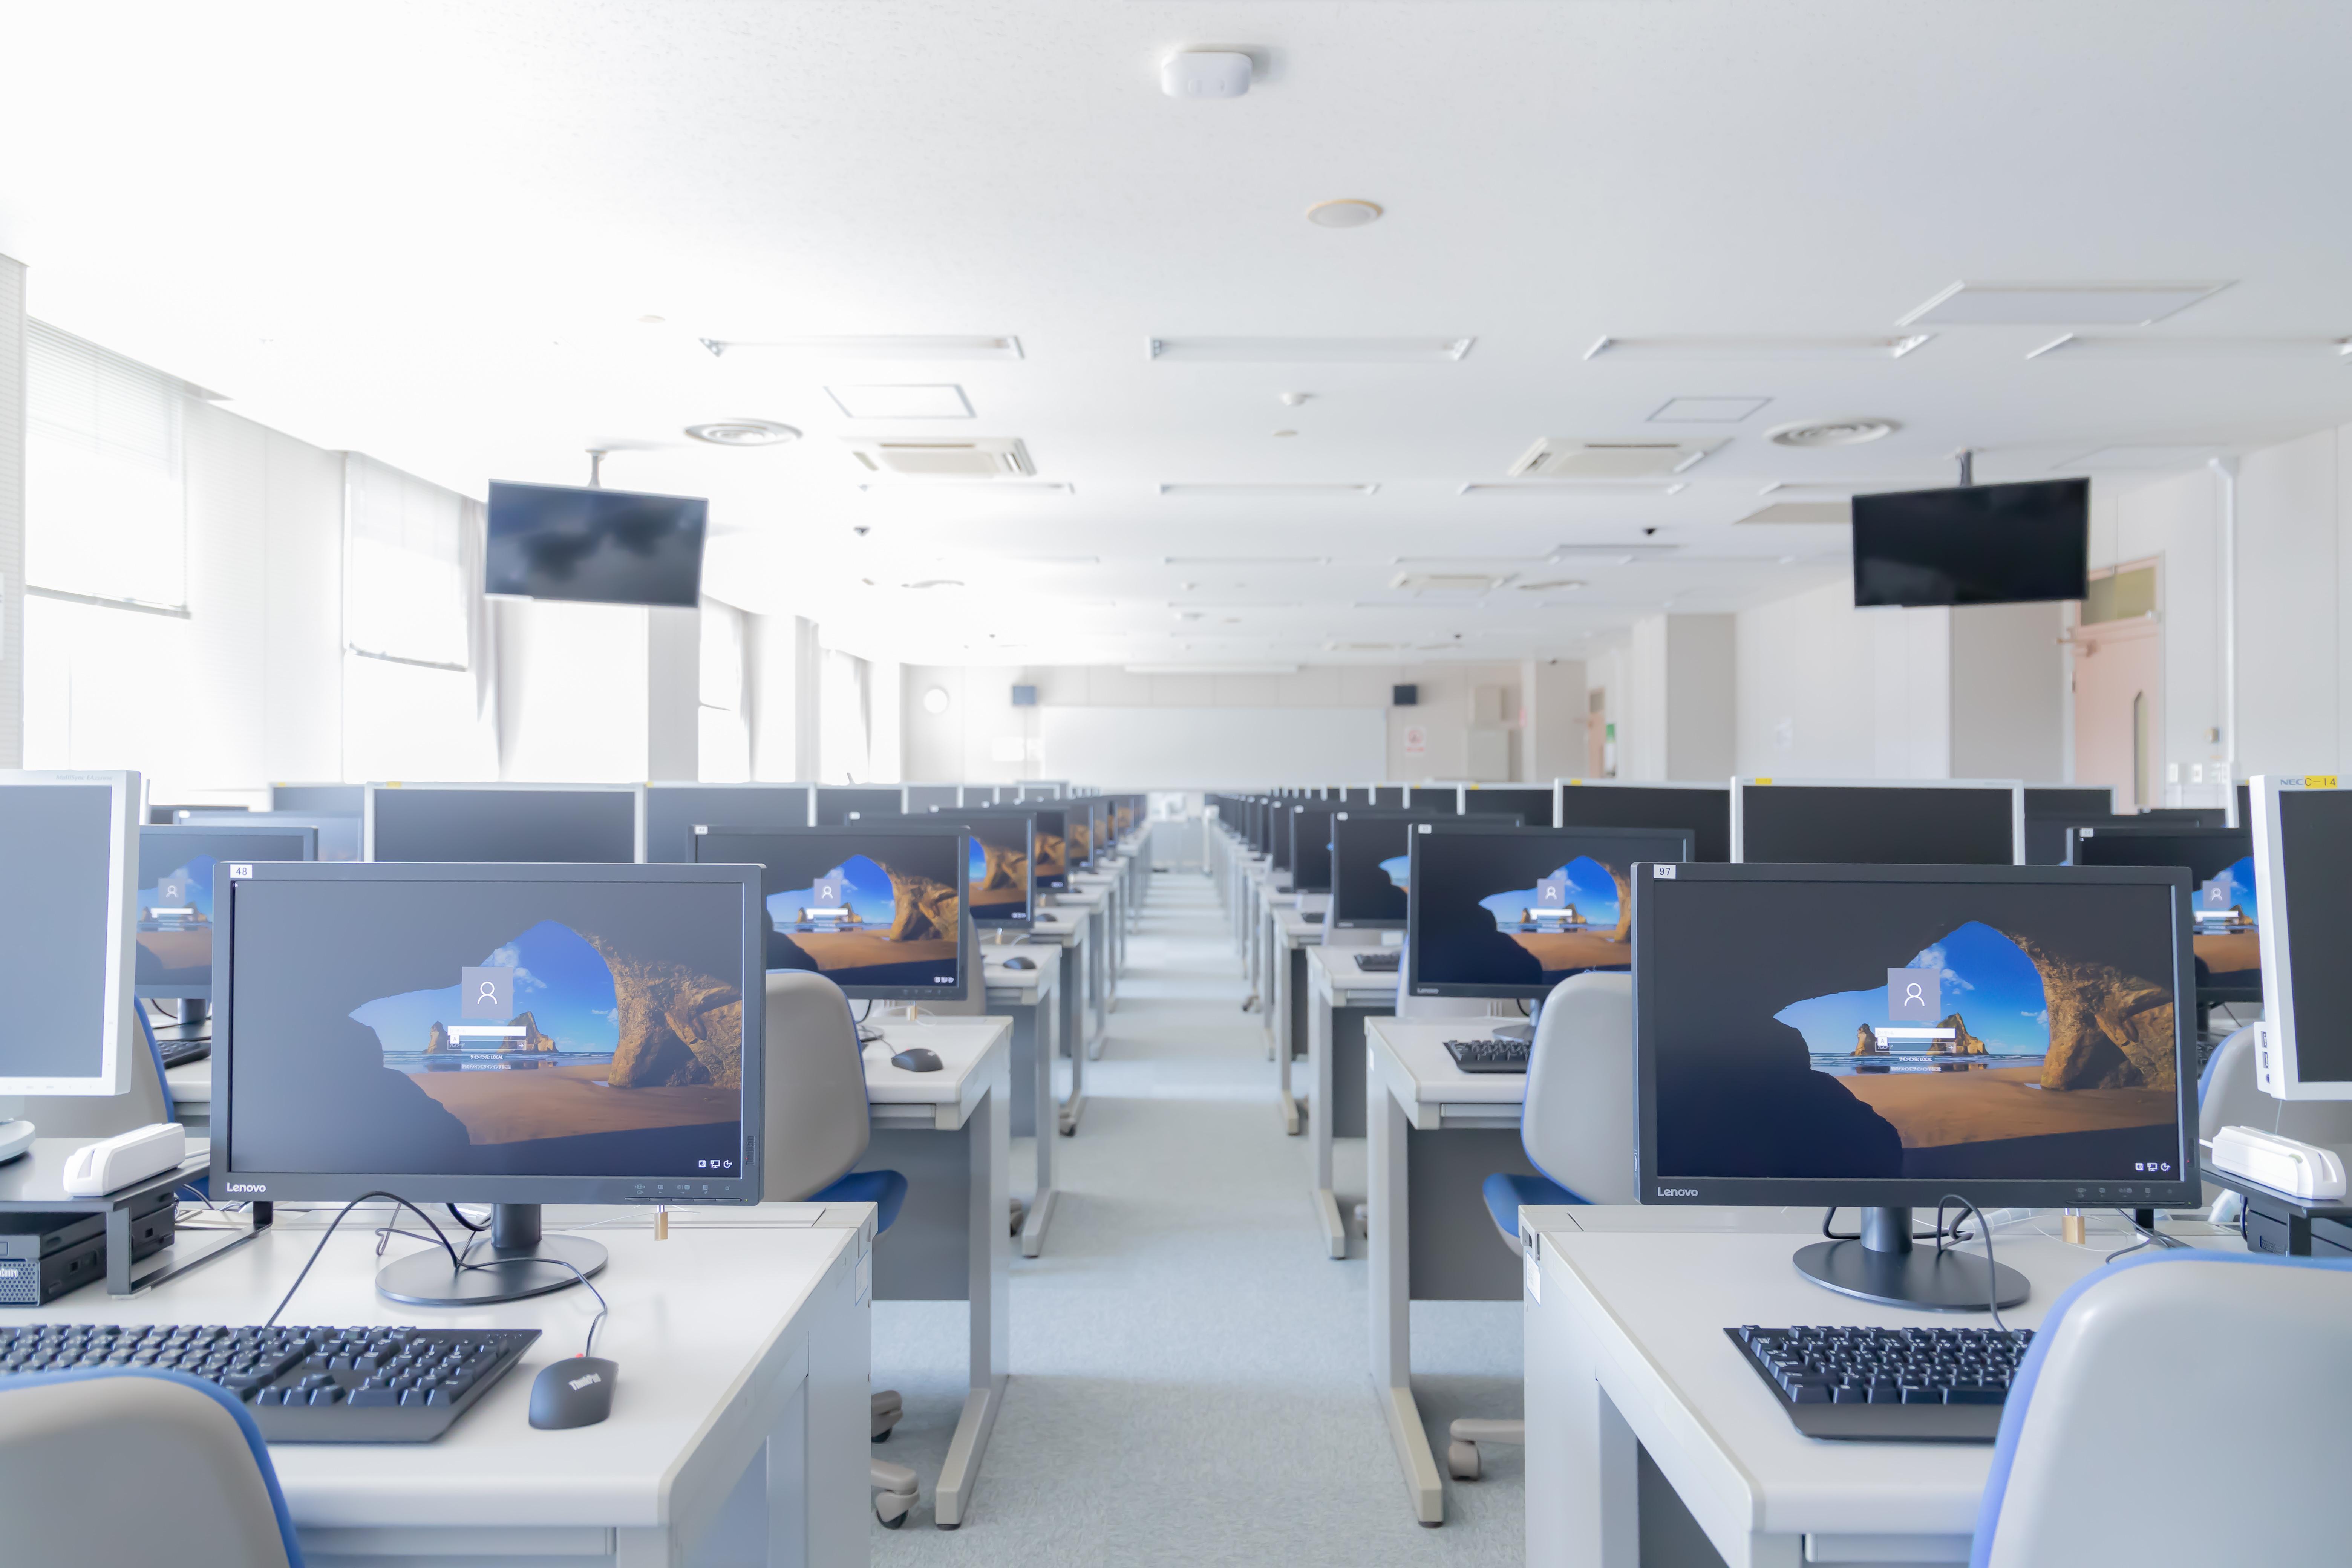 izcc-classroom